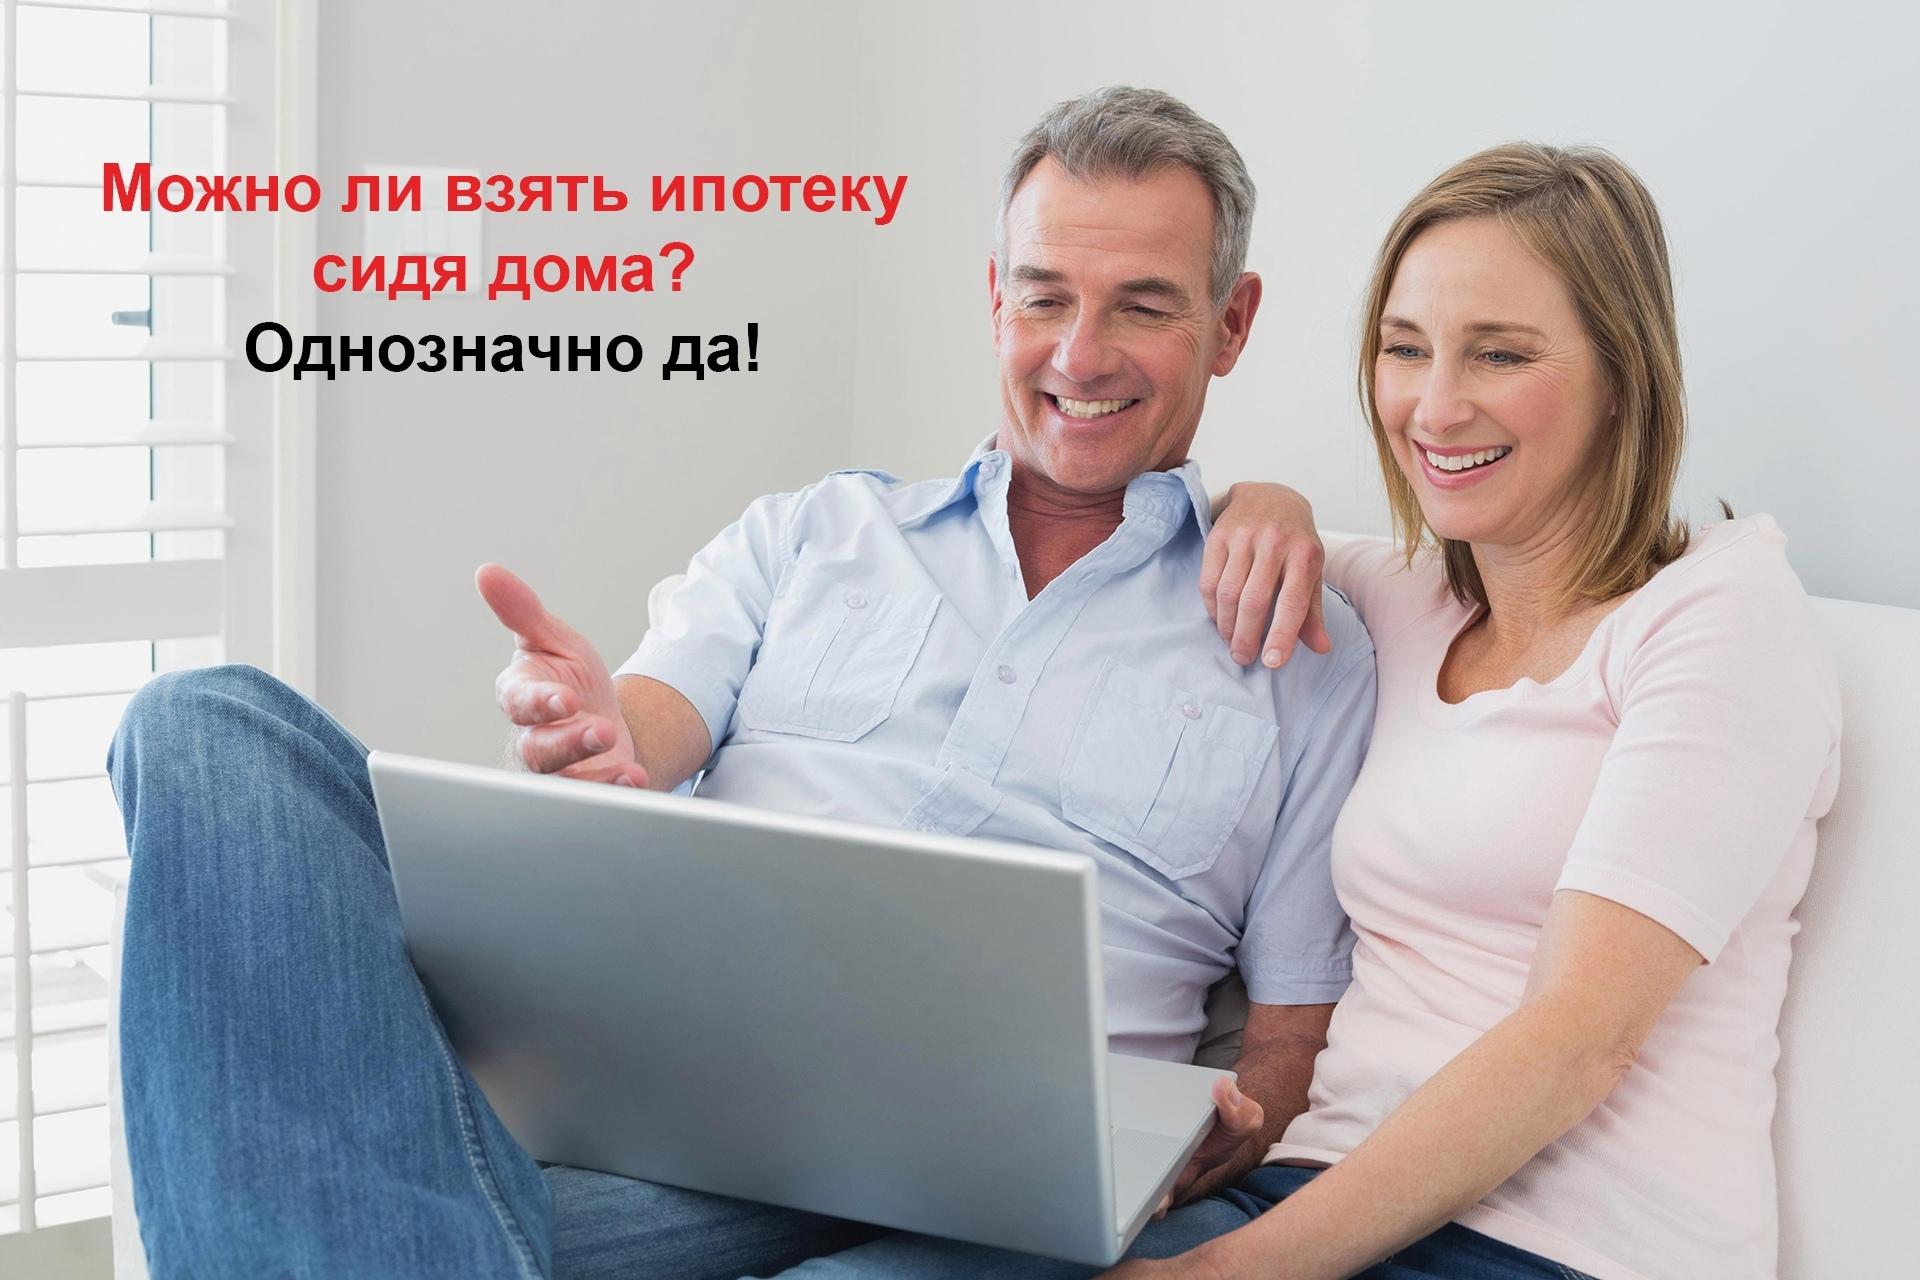 Взять ипотеку онлайн возможно